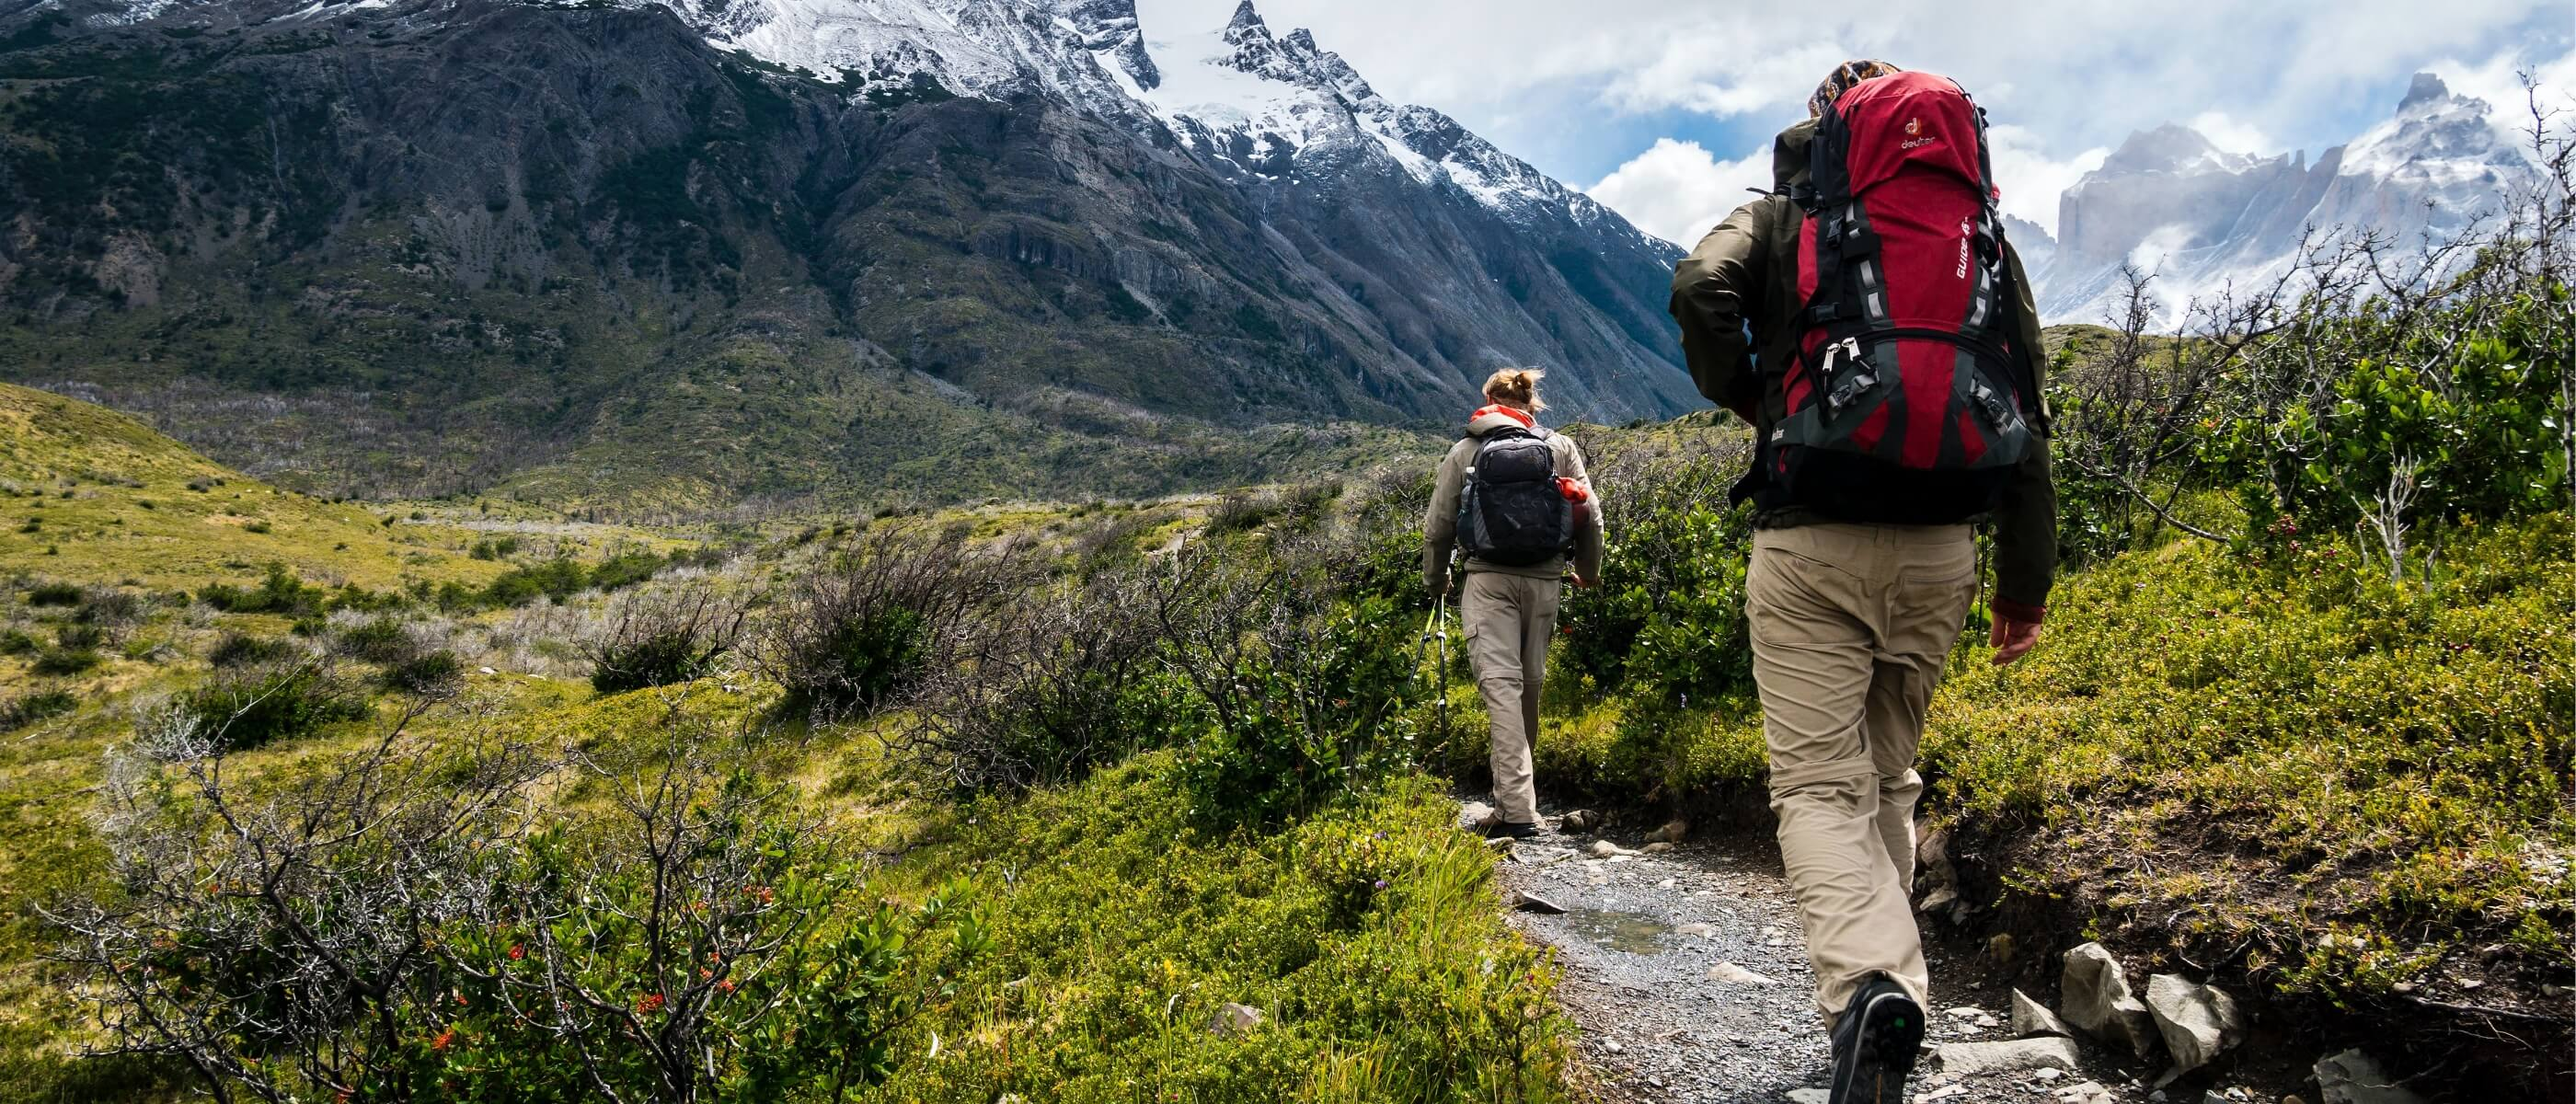 四季を通じて楽しめる妙高高原ならではのアクティビティ